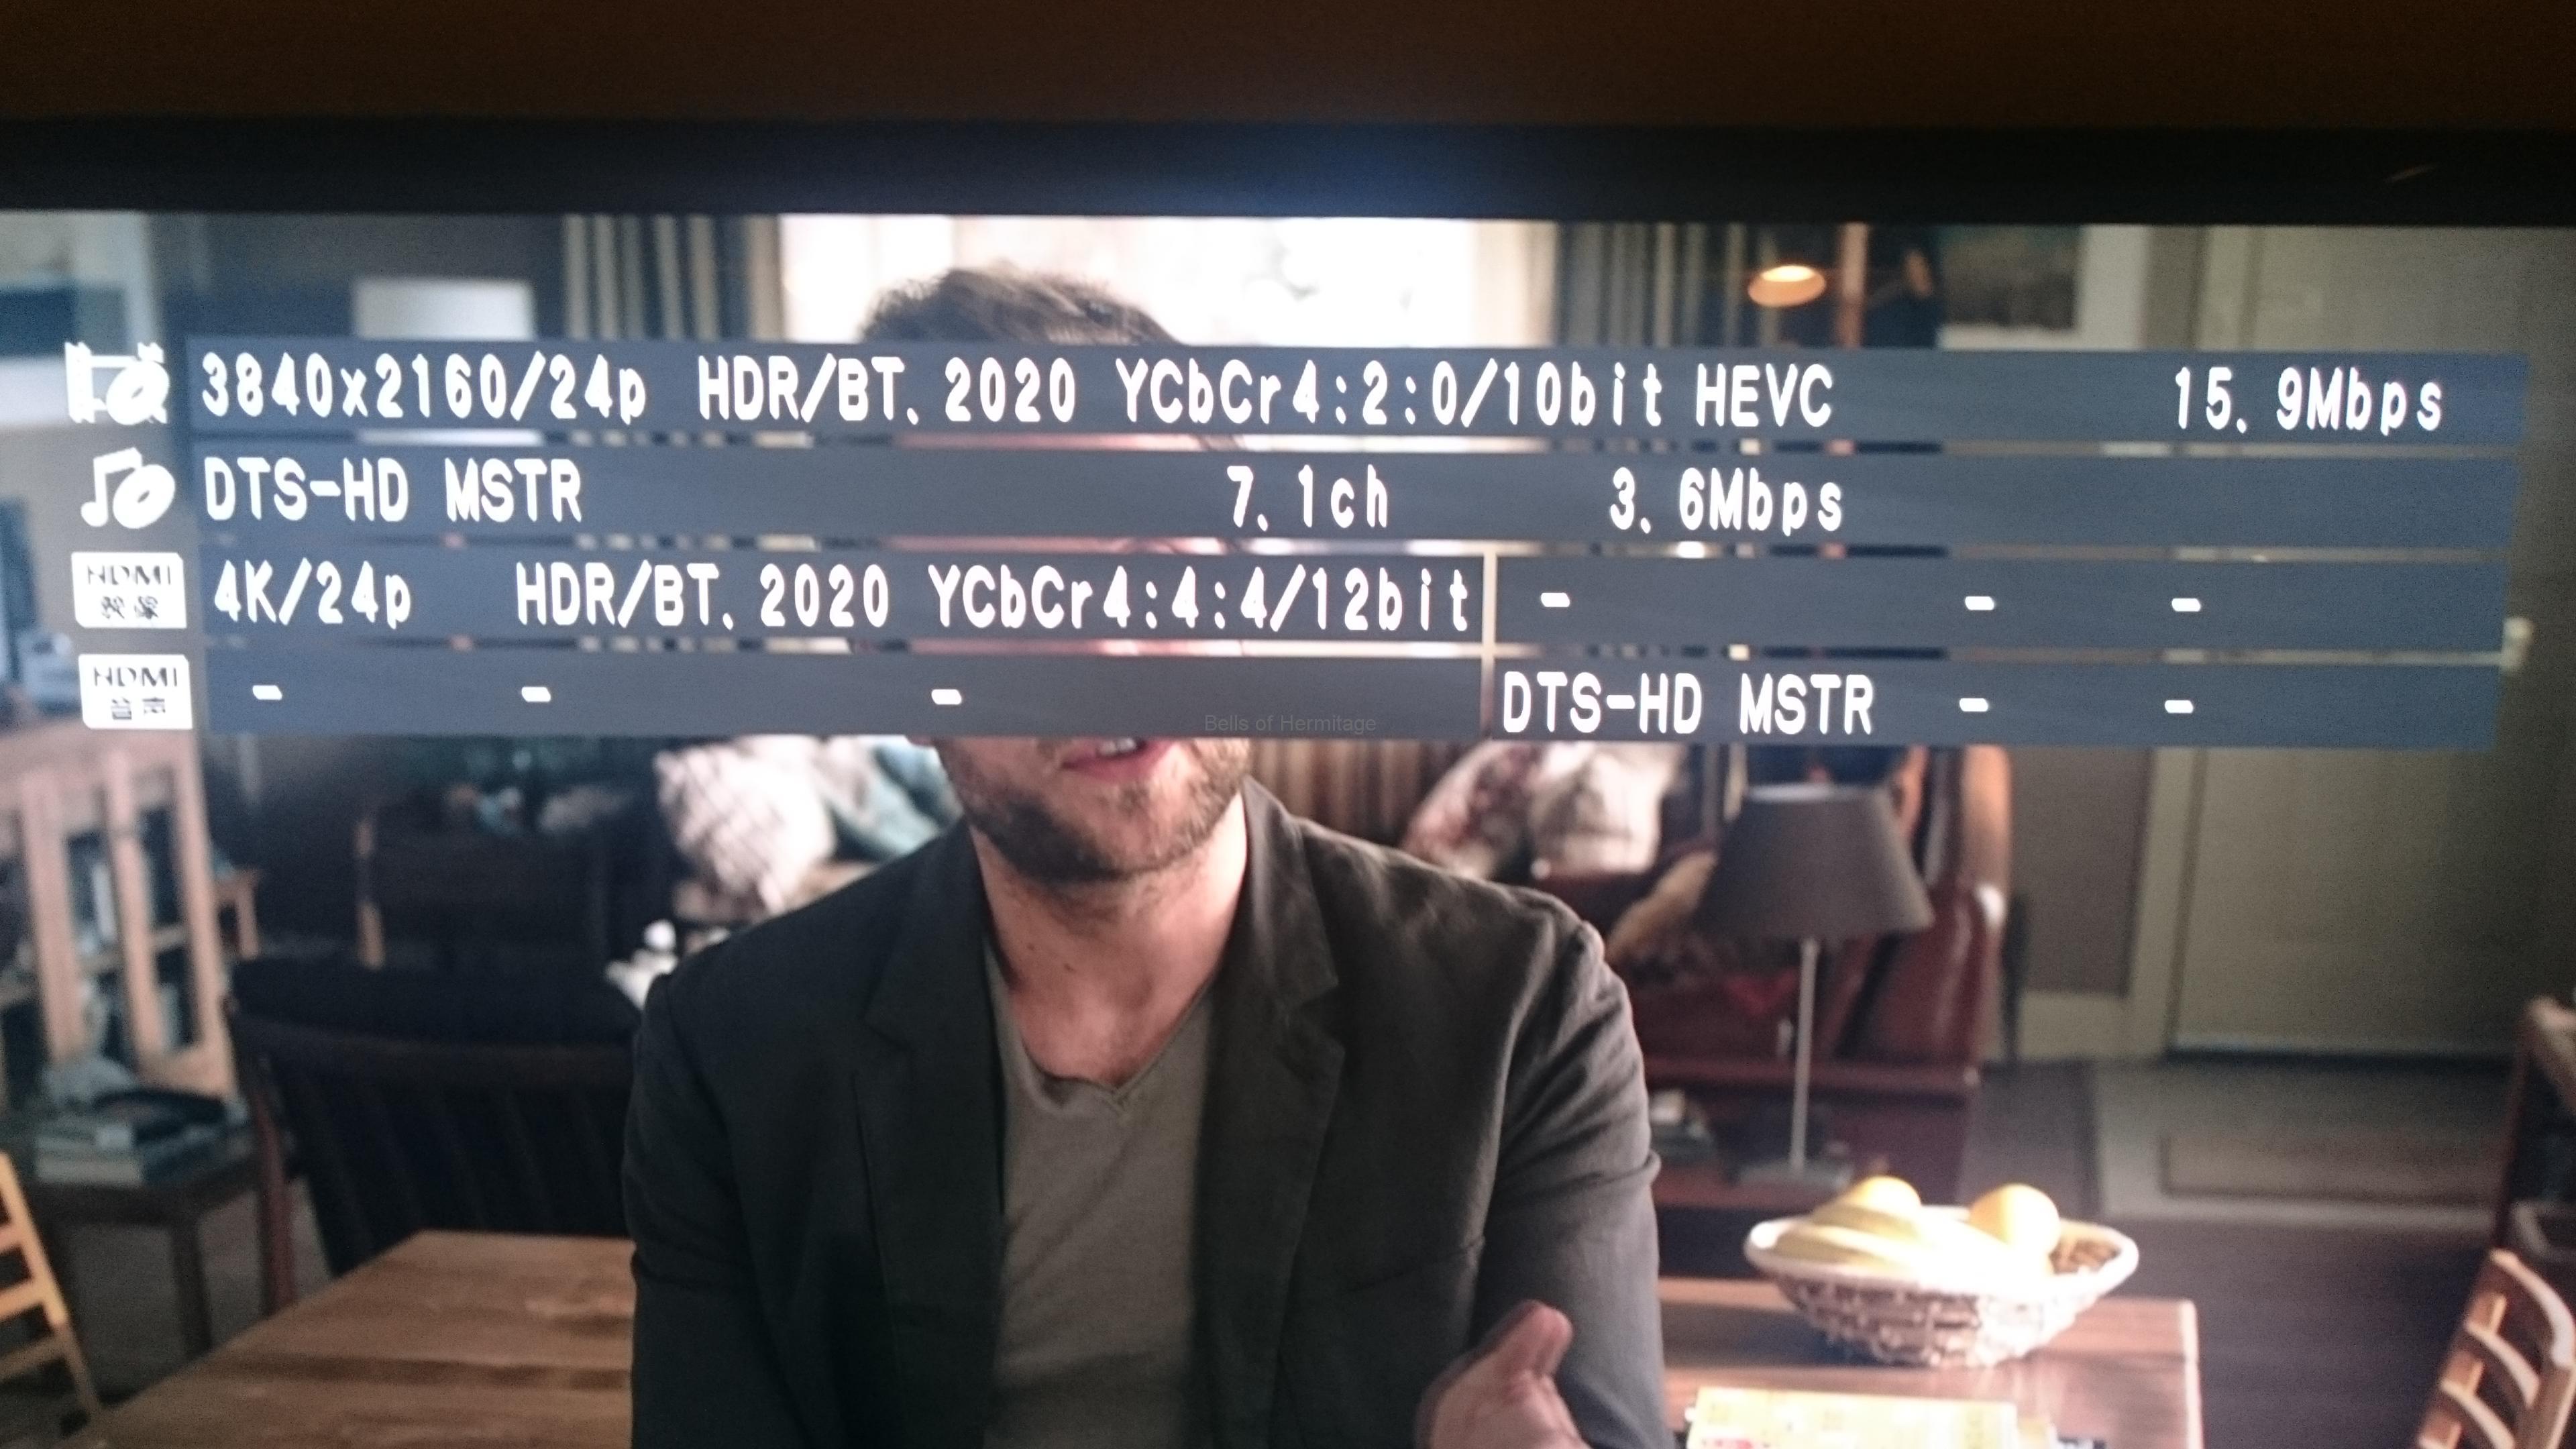 ホームシアター 4K/HDR Panasonic DMP-UB900 Urtra HD Blu-ray 4K Ultra HDソフト DVD Fantasium ライフ・オブ・パイ/トラと漂流した227日 クリード チャンプを継ぐ男